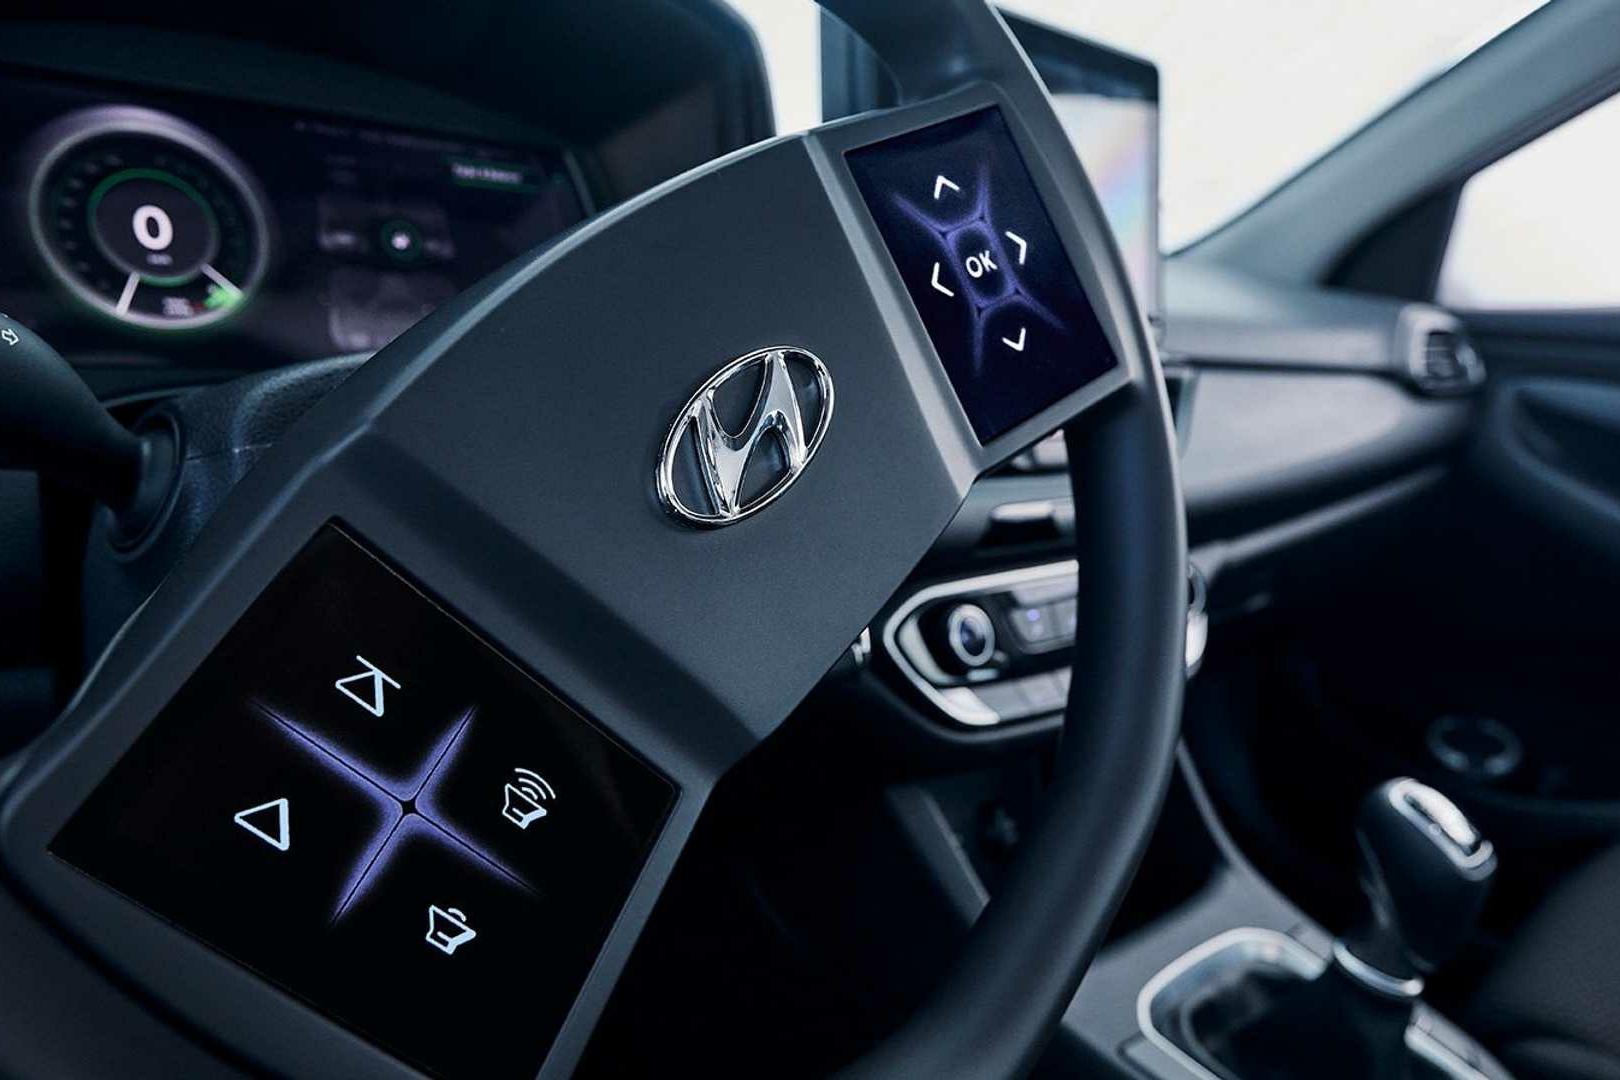 方向盘上也有屏幕? 现代汽车认为触屏式的方向盘很不错 你觉得呢?